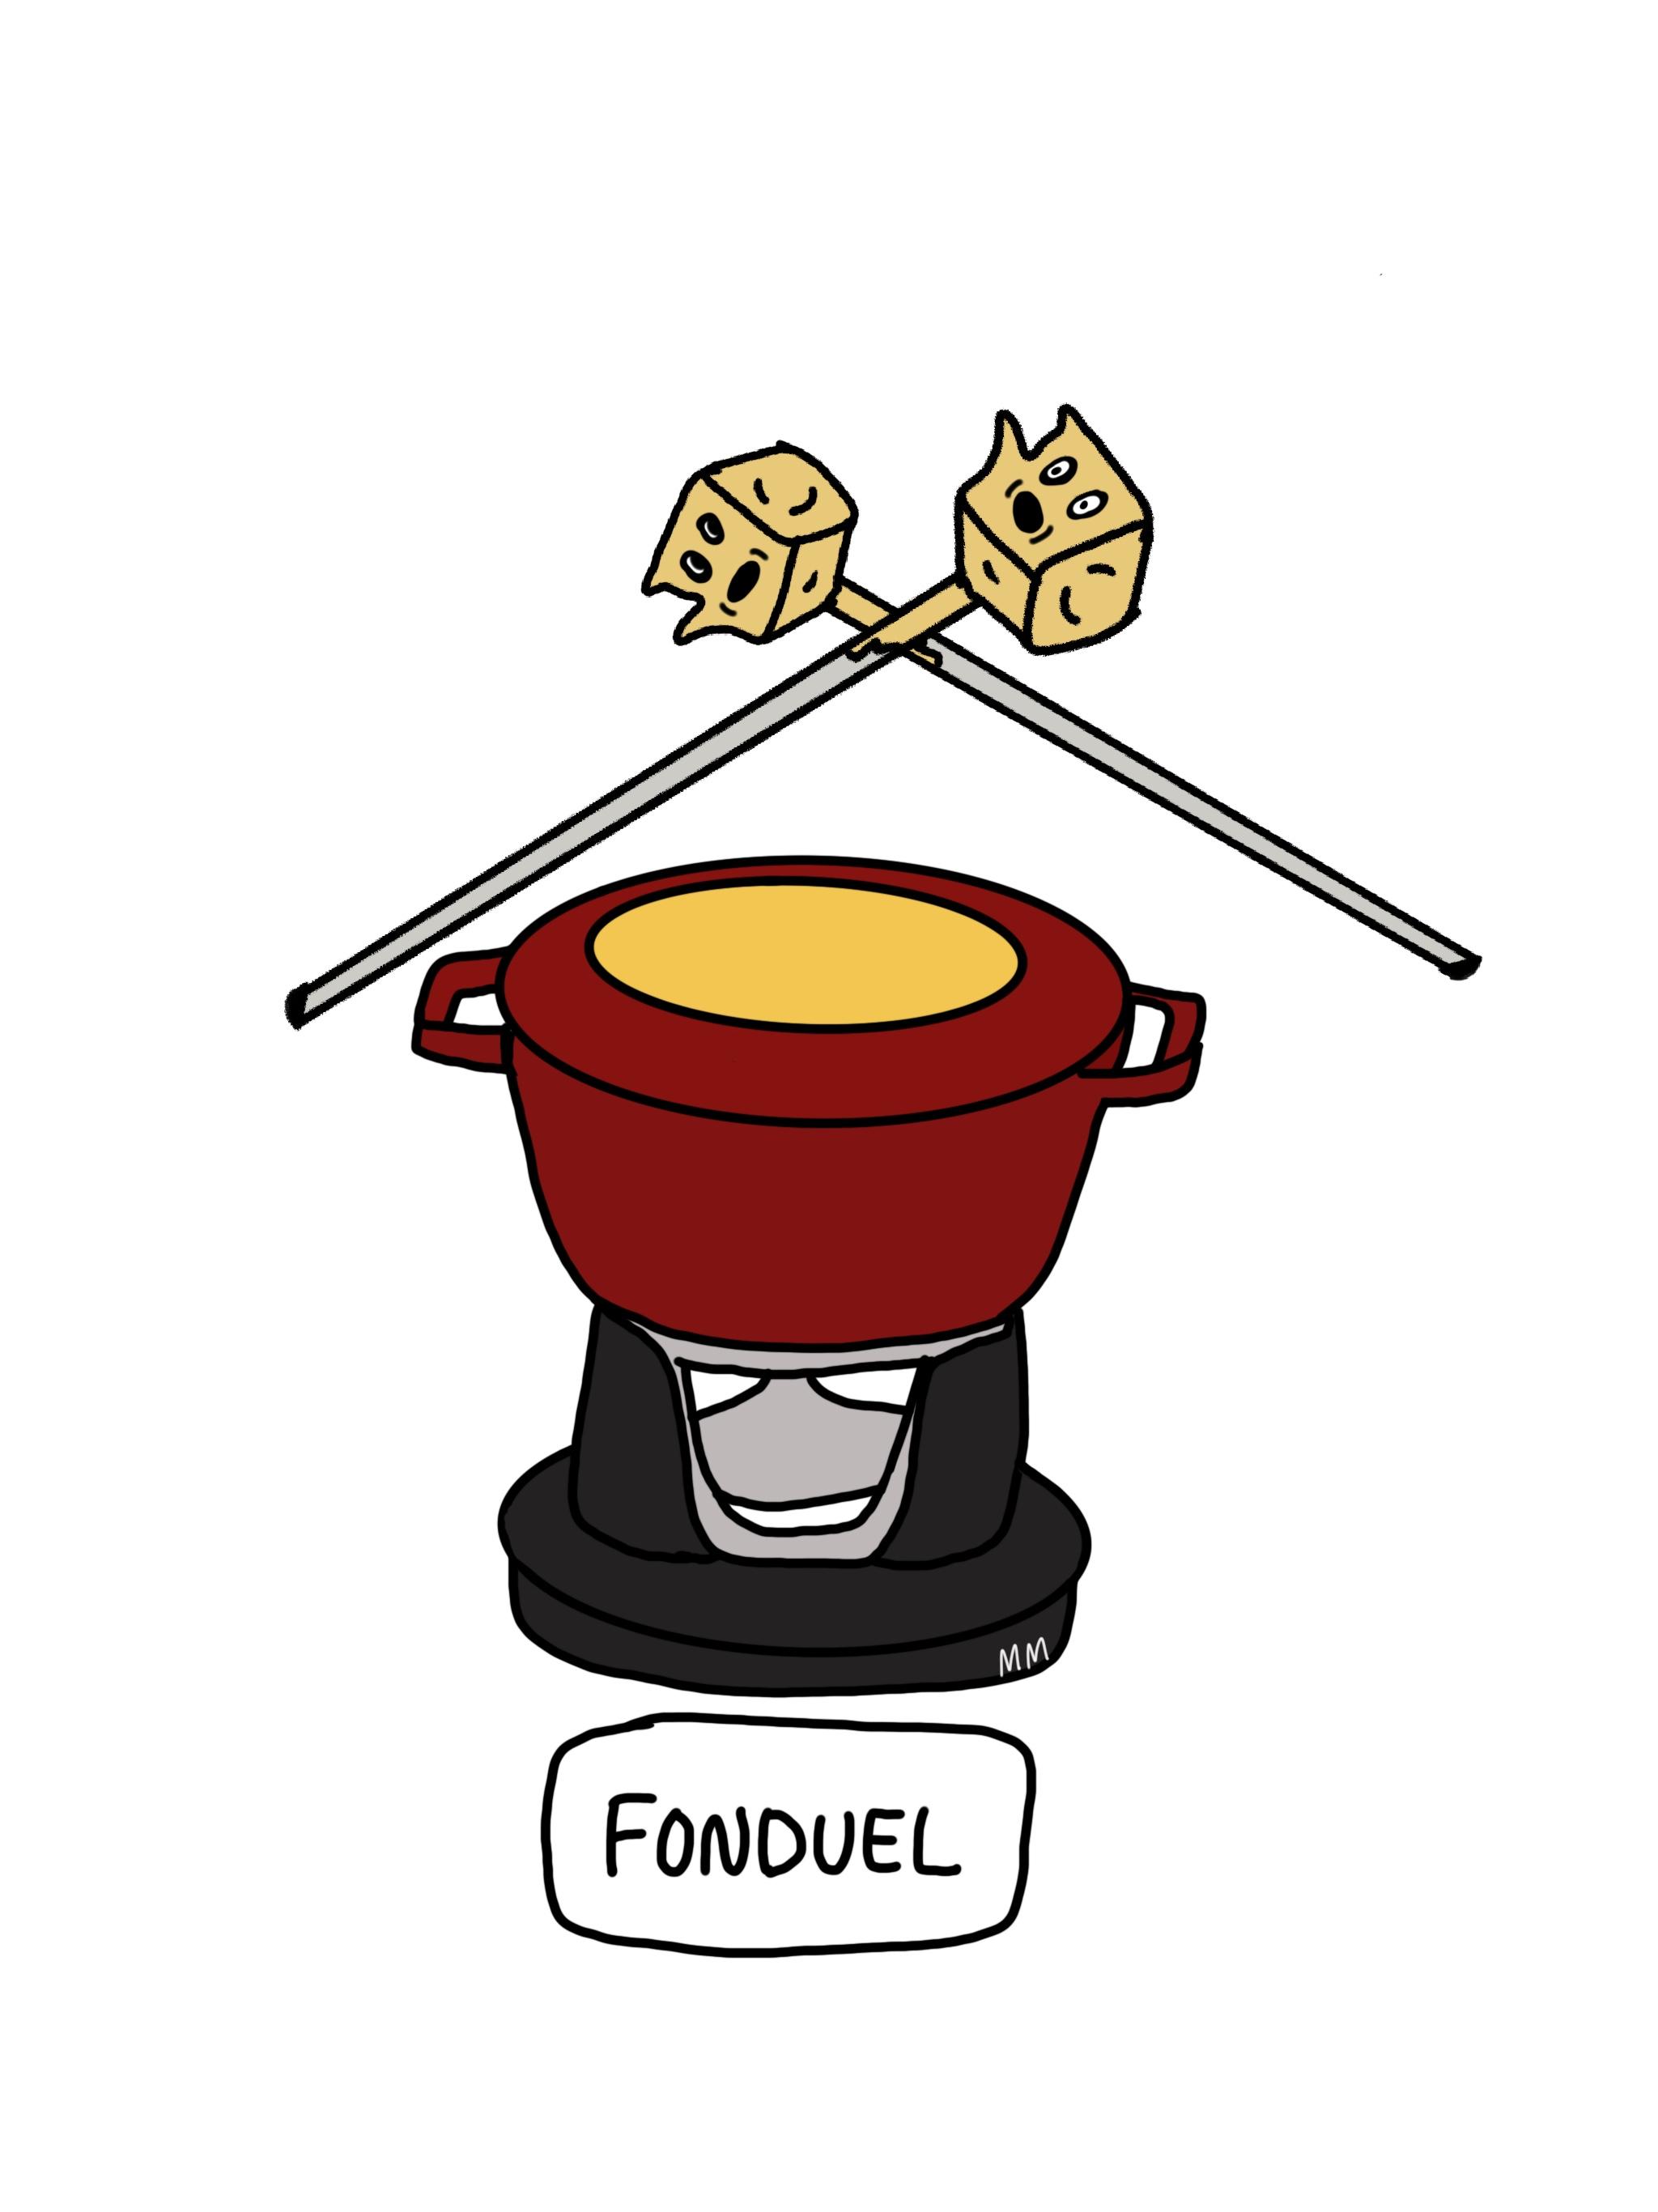 Fonduel